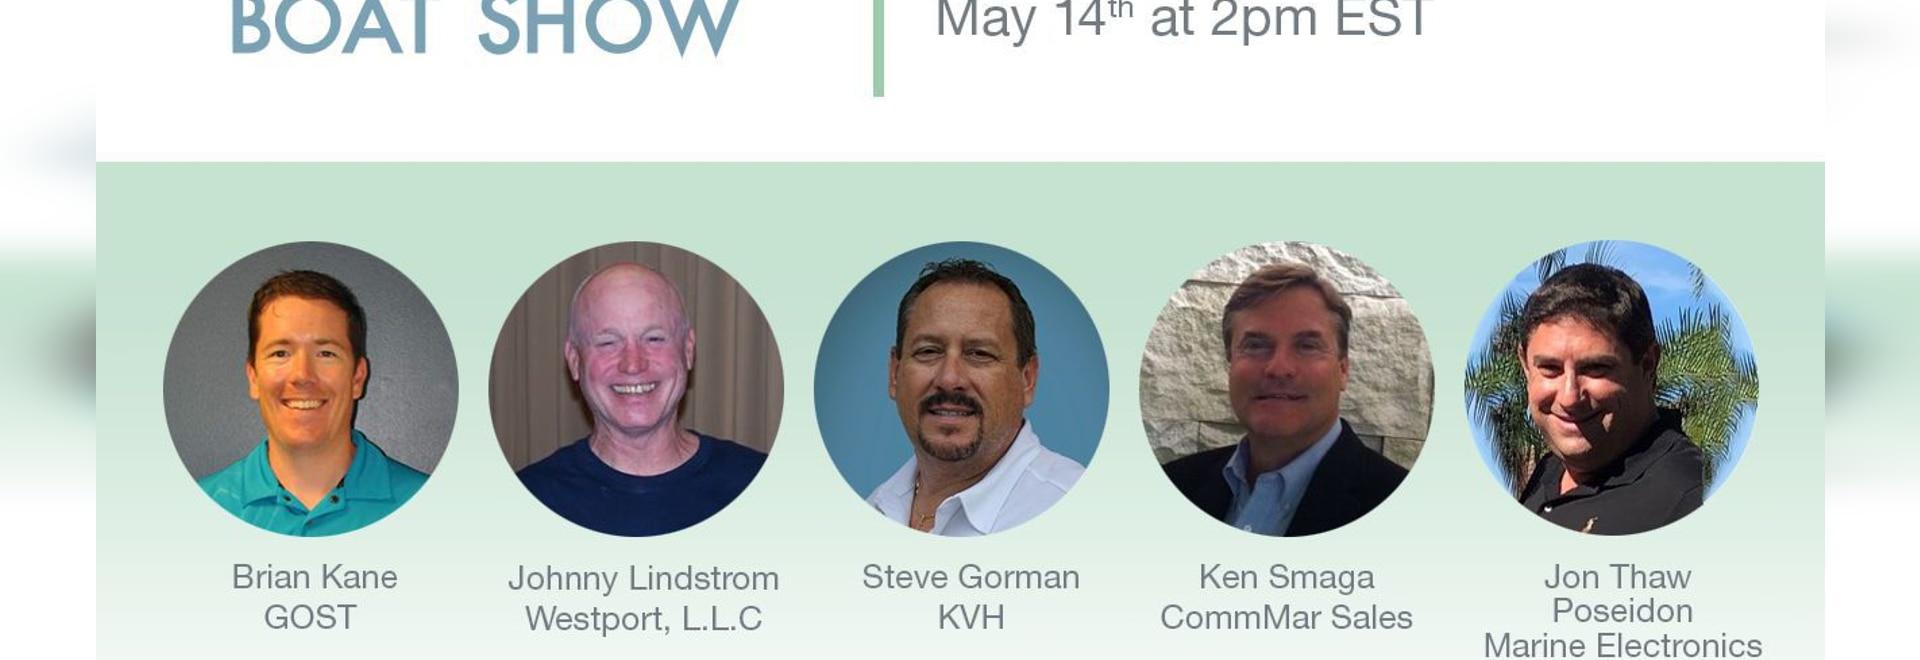 Erfahren Sie mehr über Internet und Fernsehen für Boote und Yachten auf den KVH-Bildungsseminaren 5/14 und 5/20